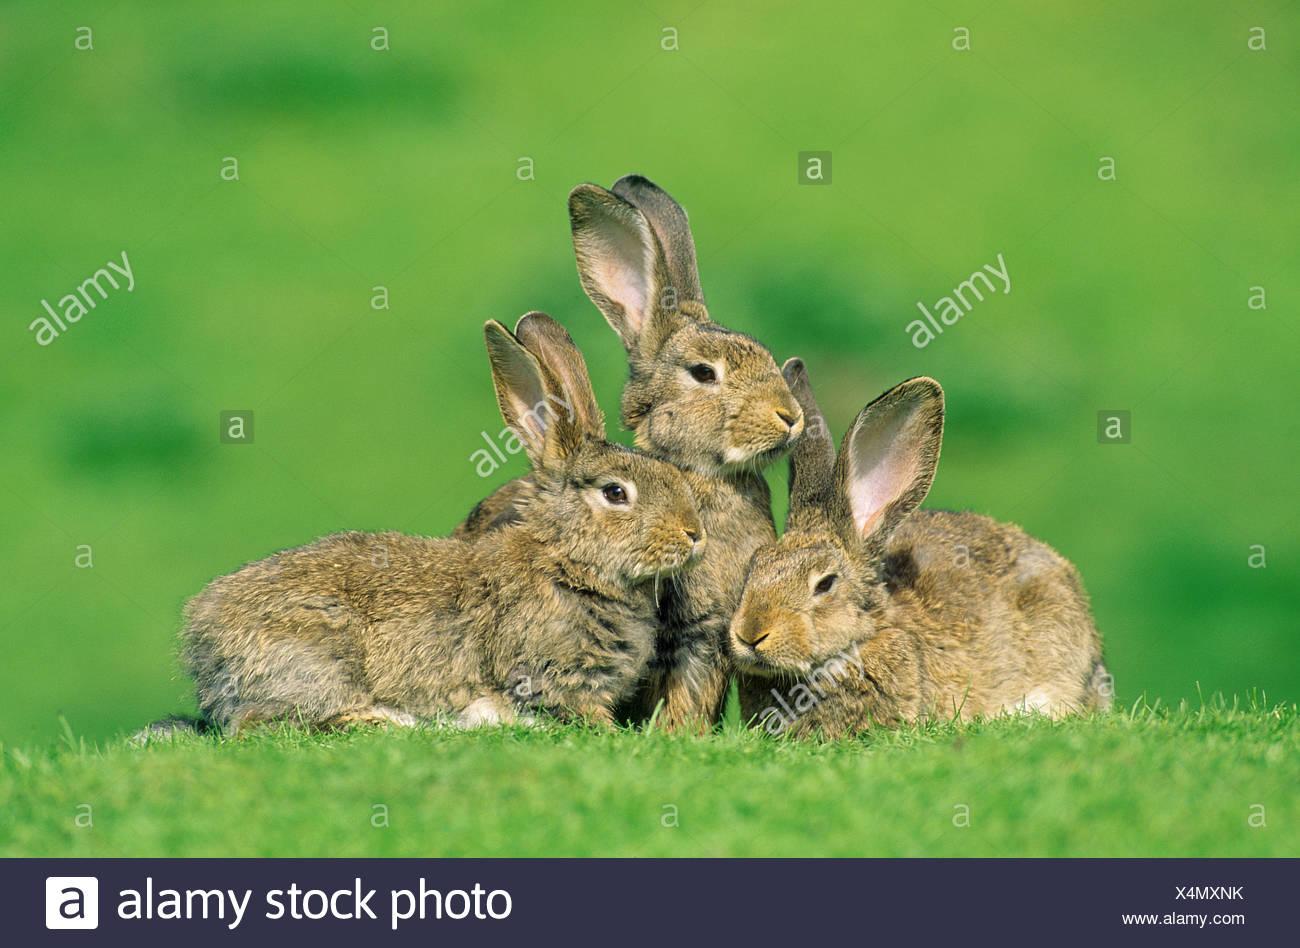 Europäische Kaninchen (Oryctolagus cuniculus). Drei Personen auf einer Wiese Stockfoto